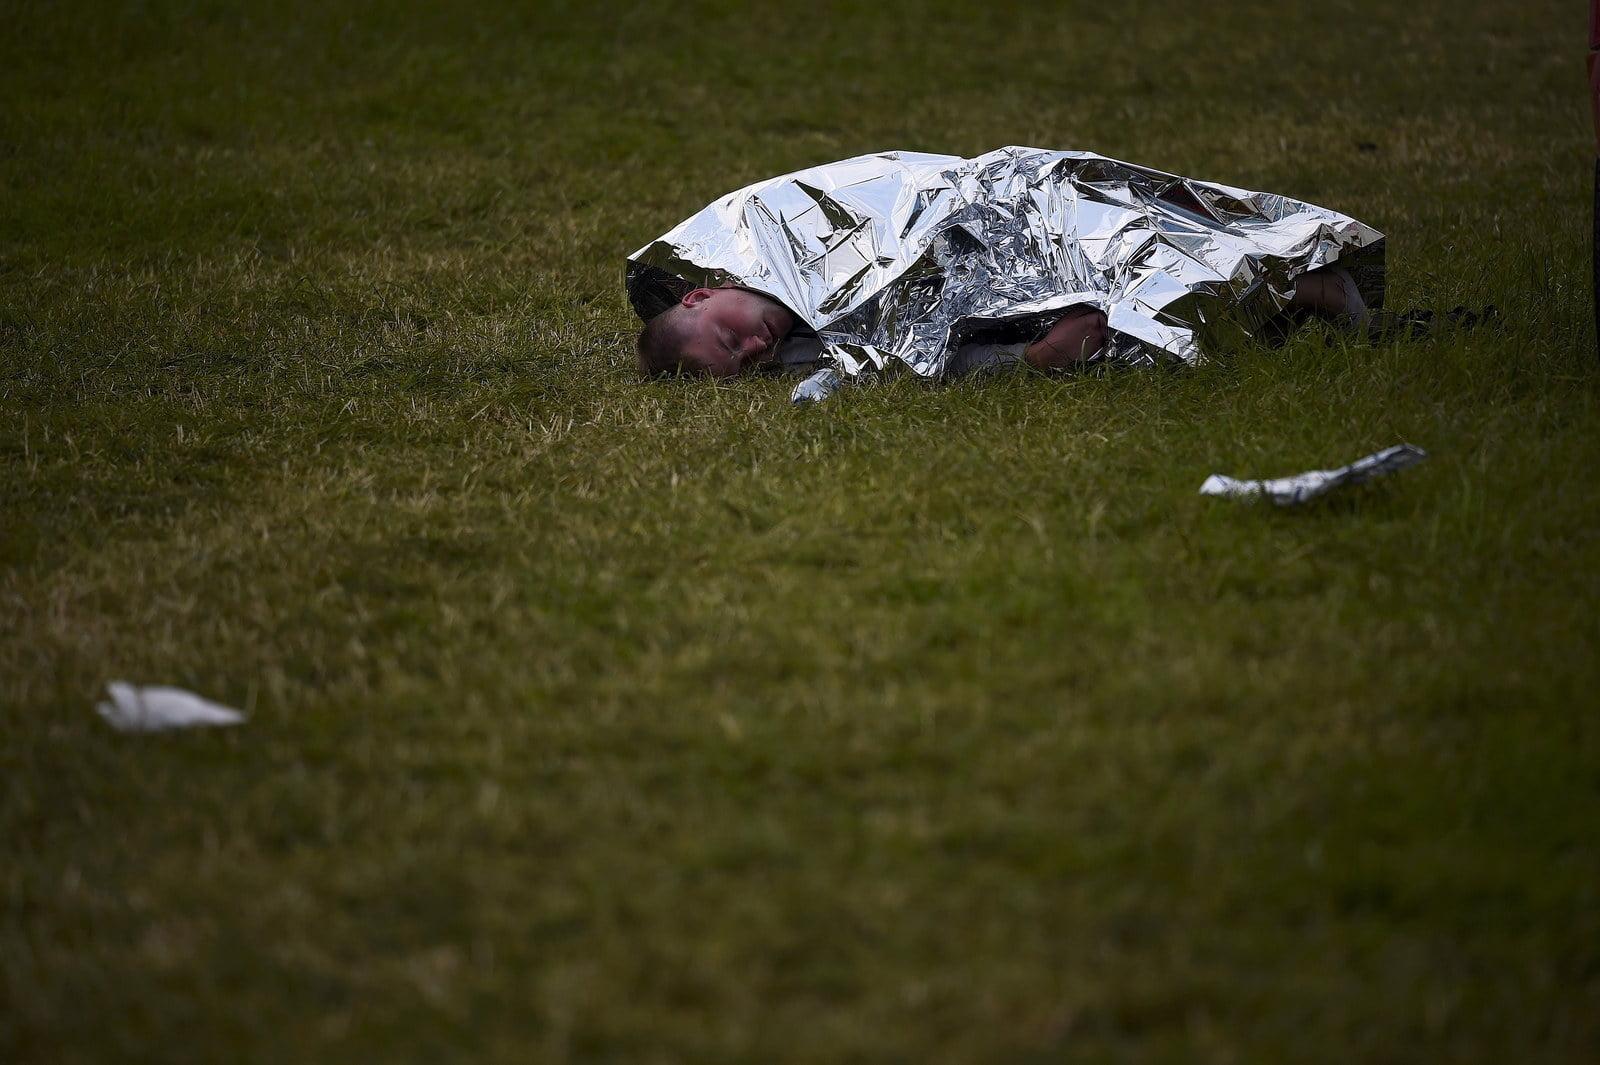 38 Fotos que capturan los tostados despues del Festival Glastonbury